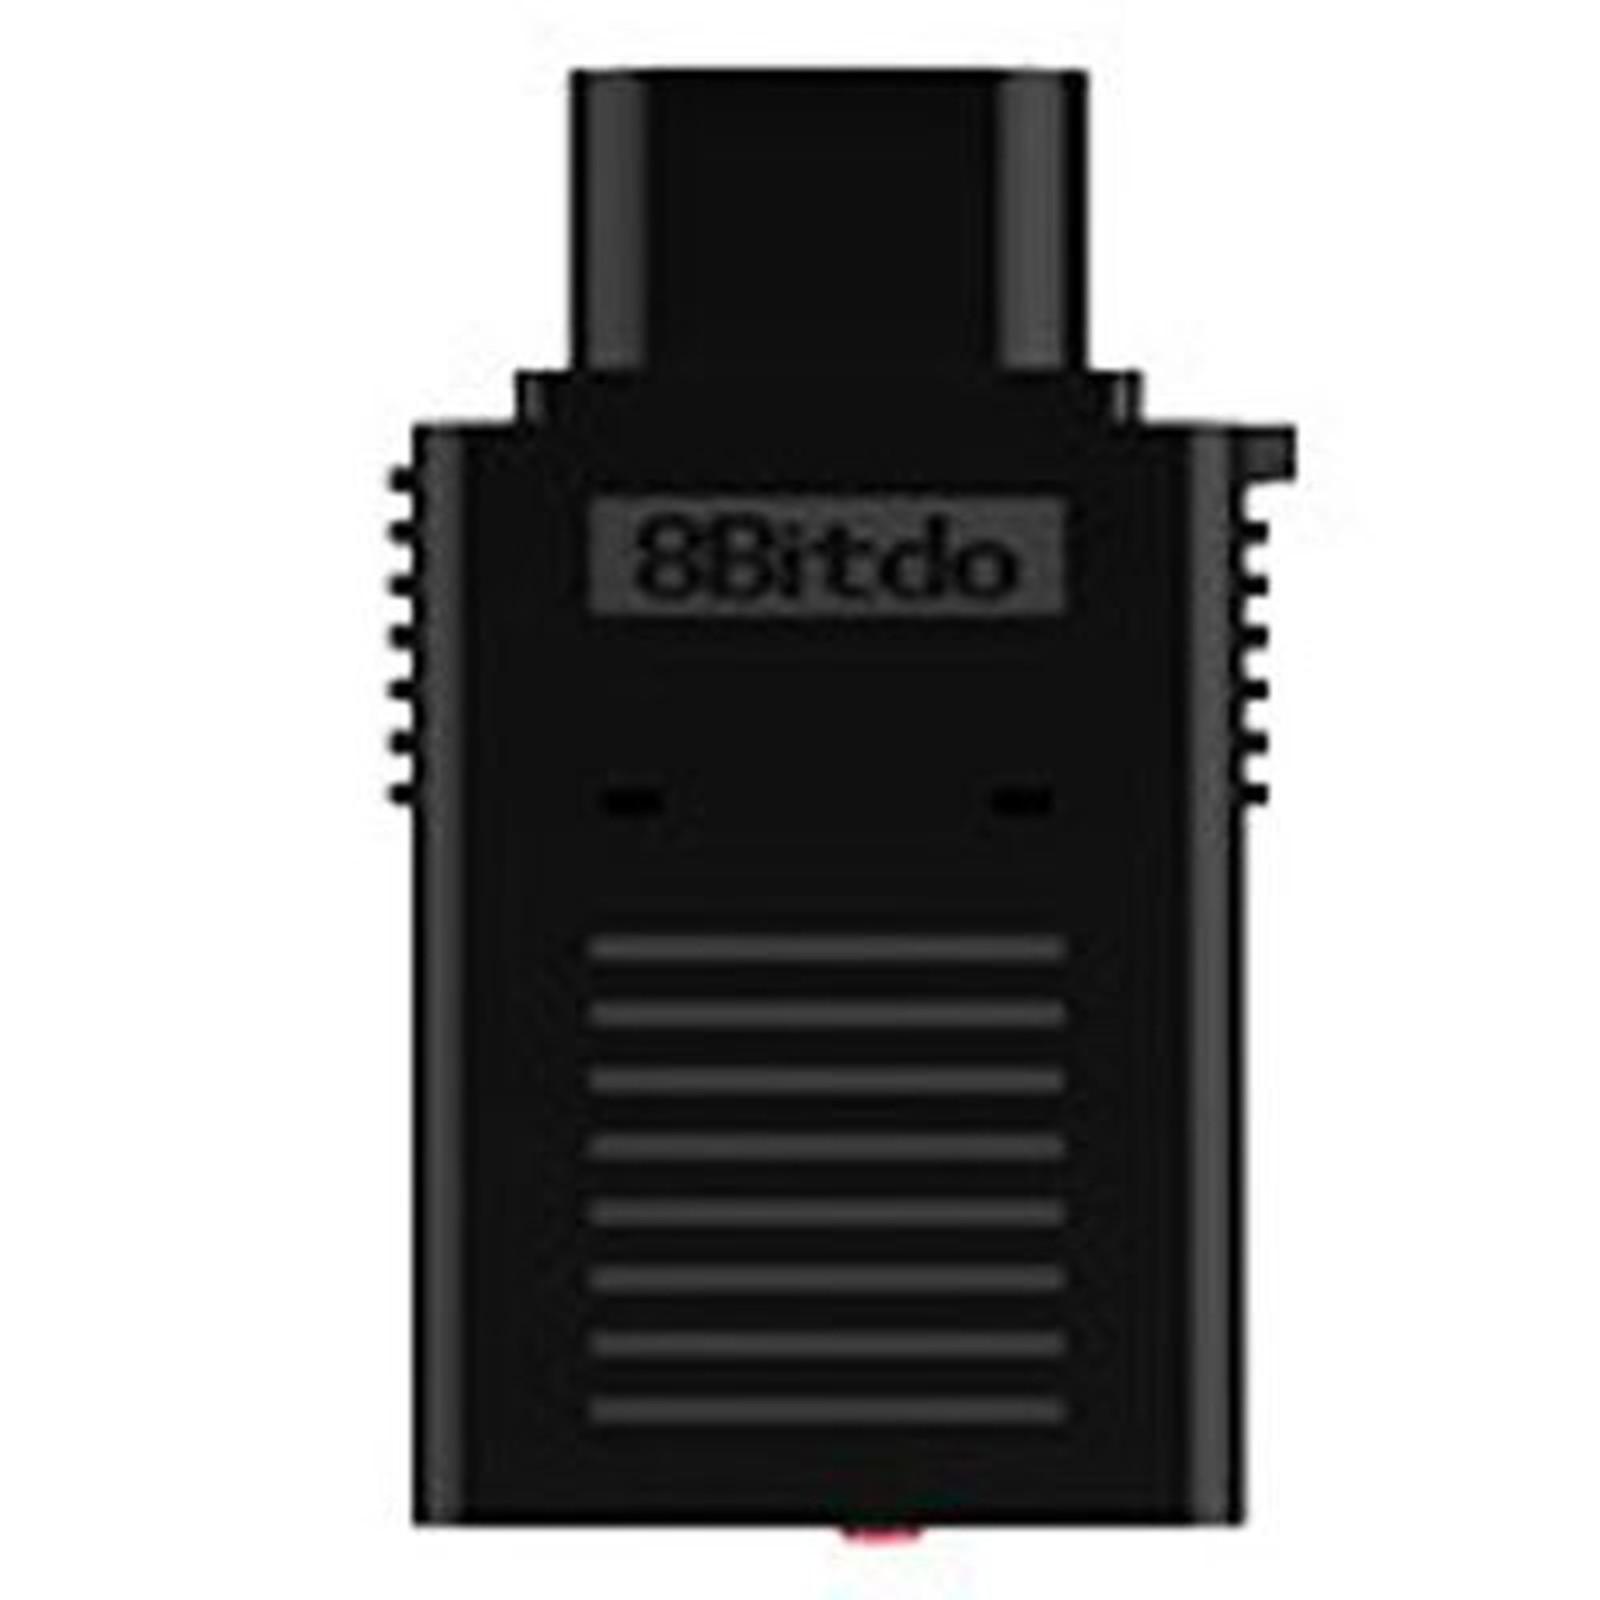 8Bitdo Receiver (NES)